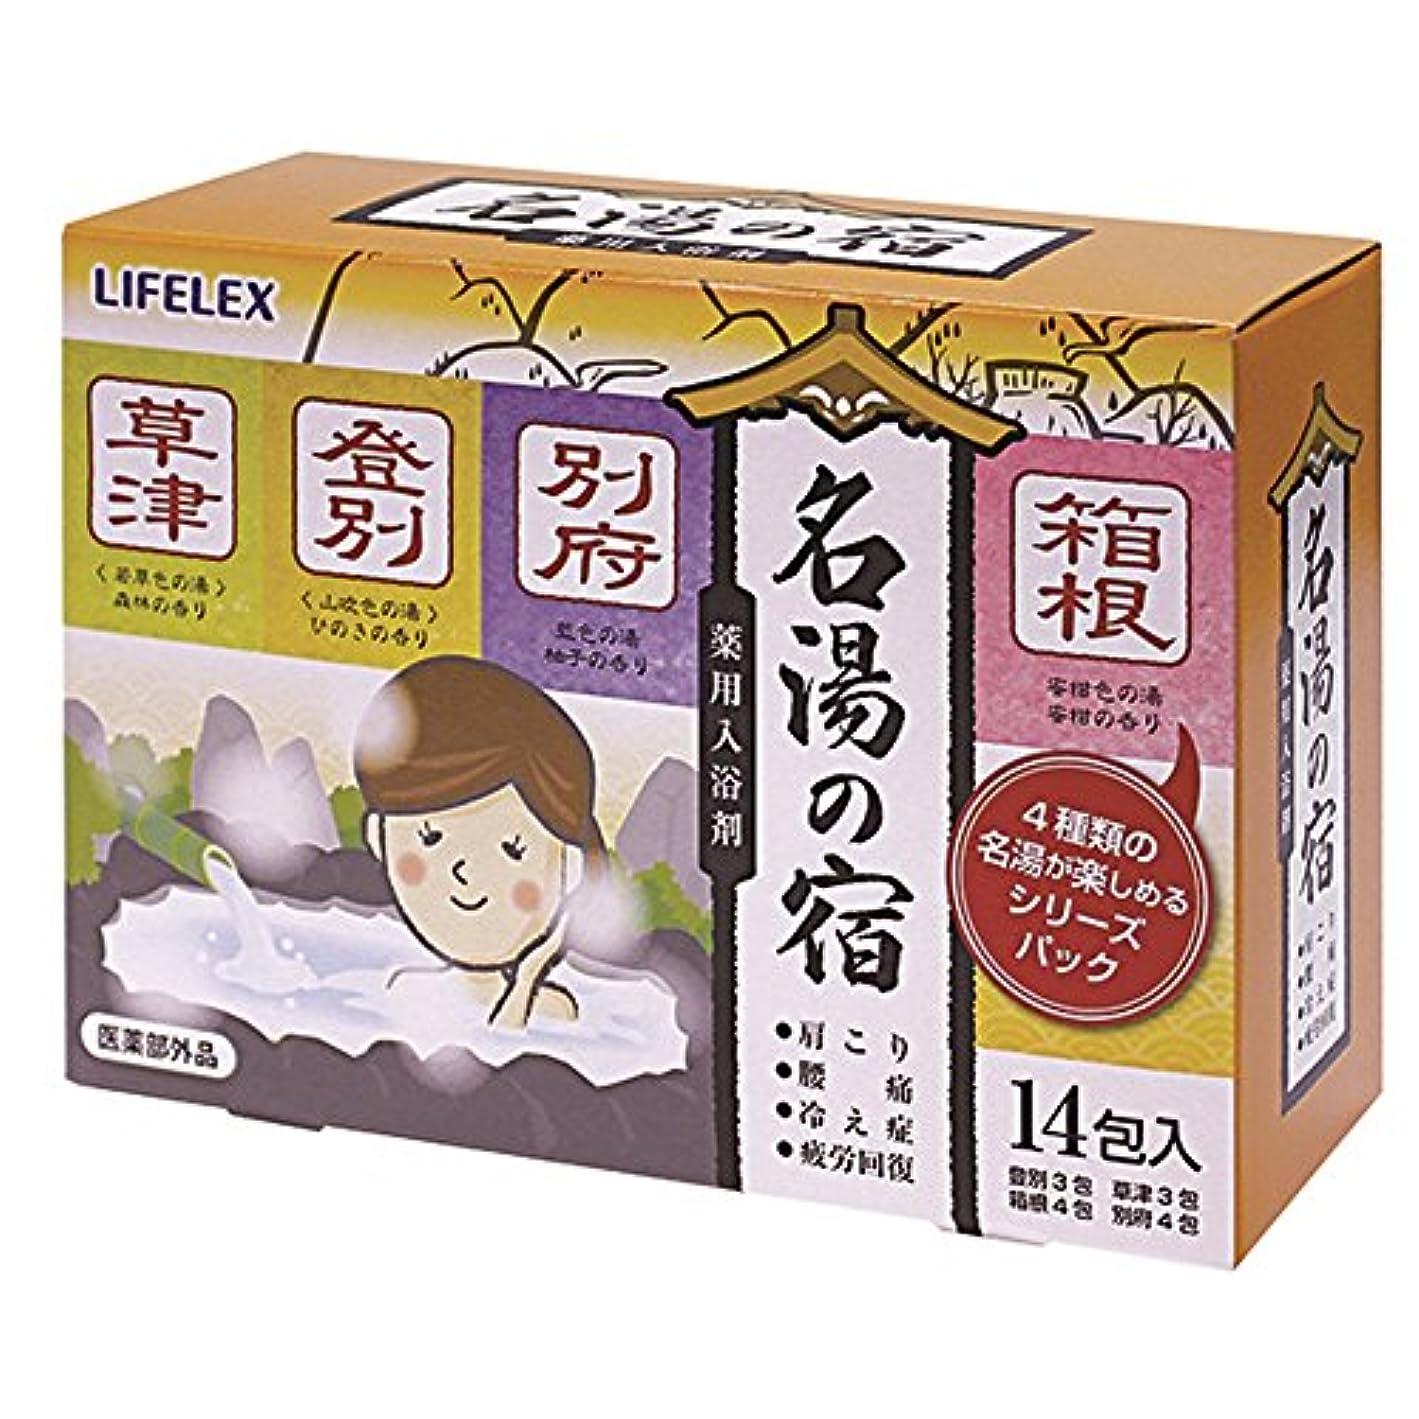 でもタフ冷えるコーナン オリジナル LIFELEX 名湯の宿 薬用入浴剤 14包入